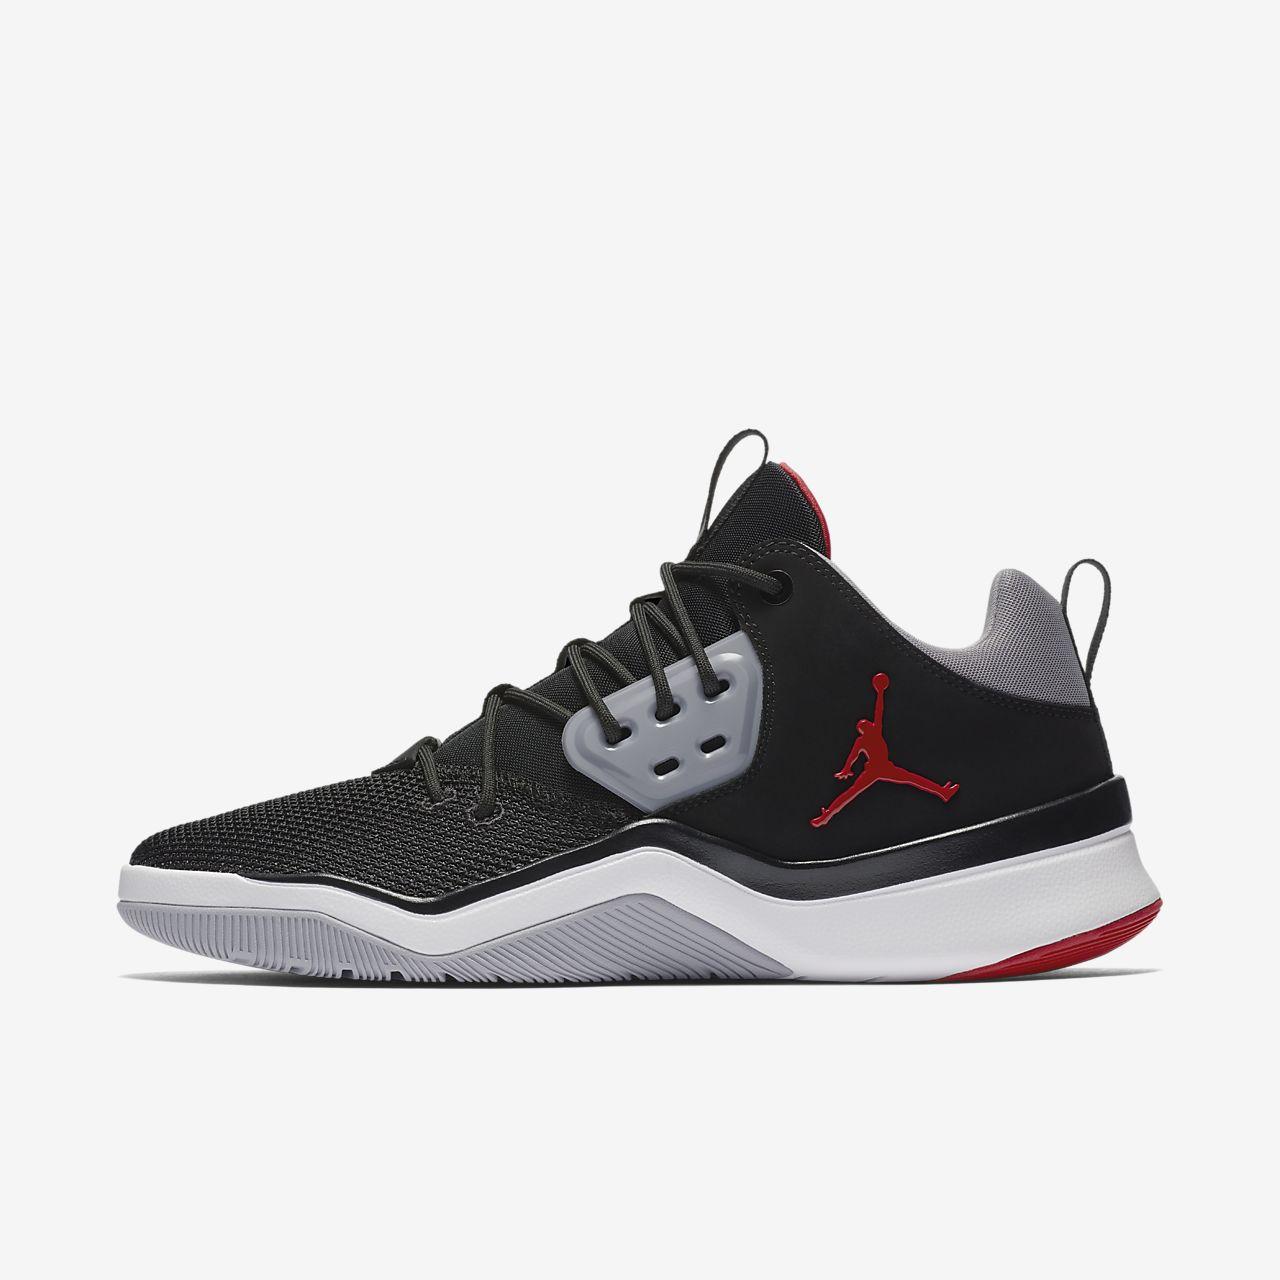 Sneaker NIKE JORDAN Uomo Jordan dna Nueva Llegada Precio Barato Aclaramiento De Llegar A Comprar NrulB